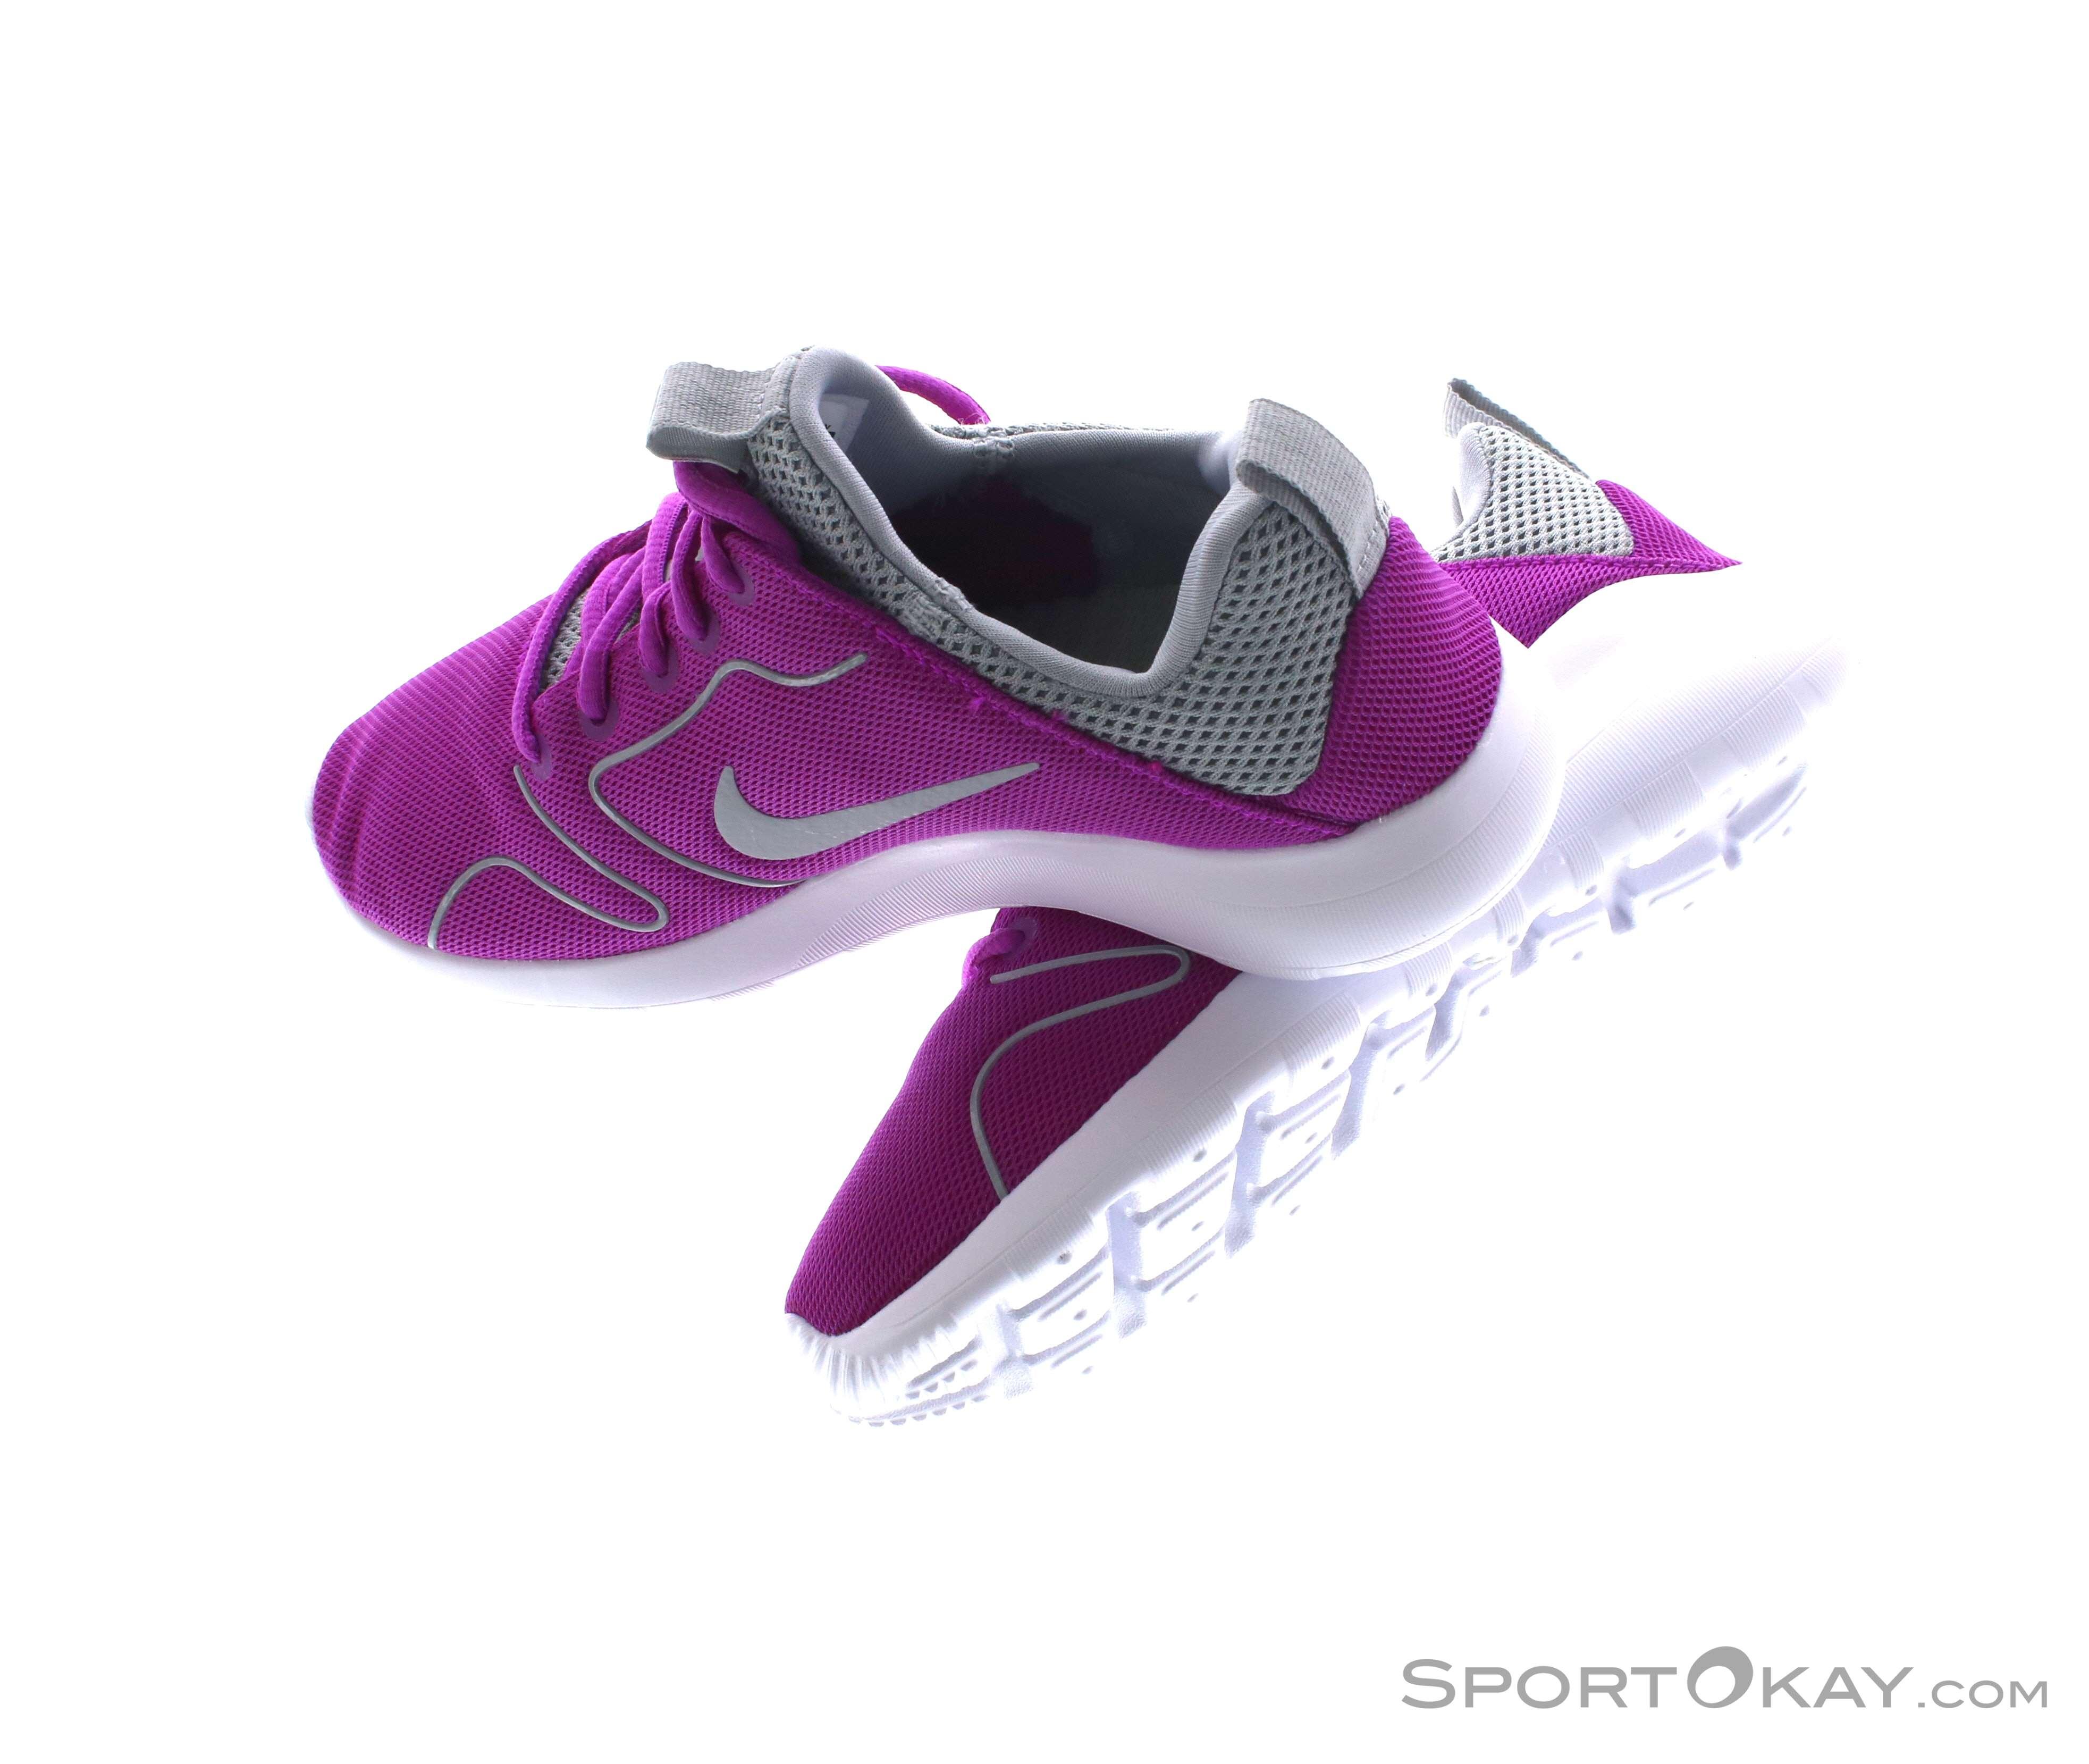 Nike Free 5.0 TR FIT 5 Taglia 9 UK/44 EURNUOVO PREZZO CONSIGLIATO 105